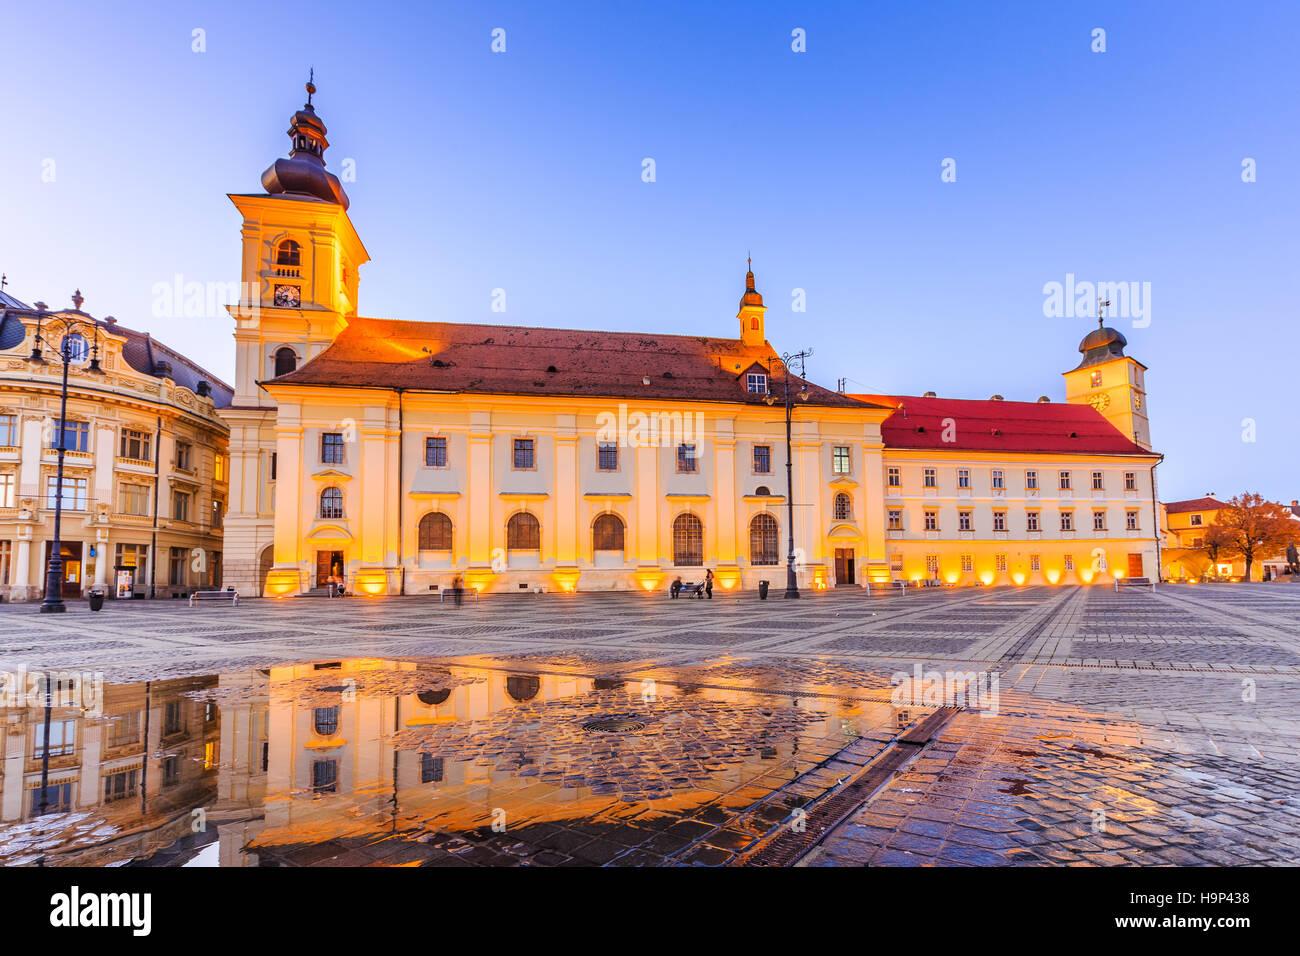 Sibiu, Romania. Grande piazza e municipio. Transilvania città medievale. Immagini Stock